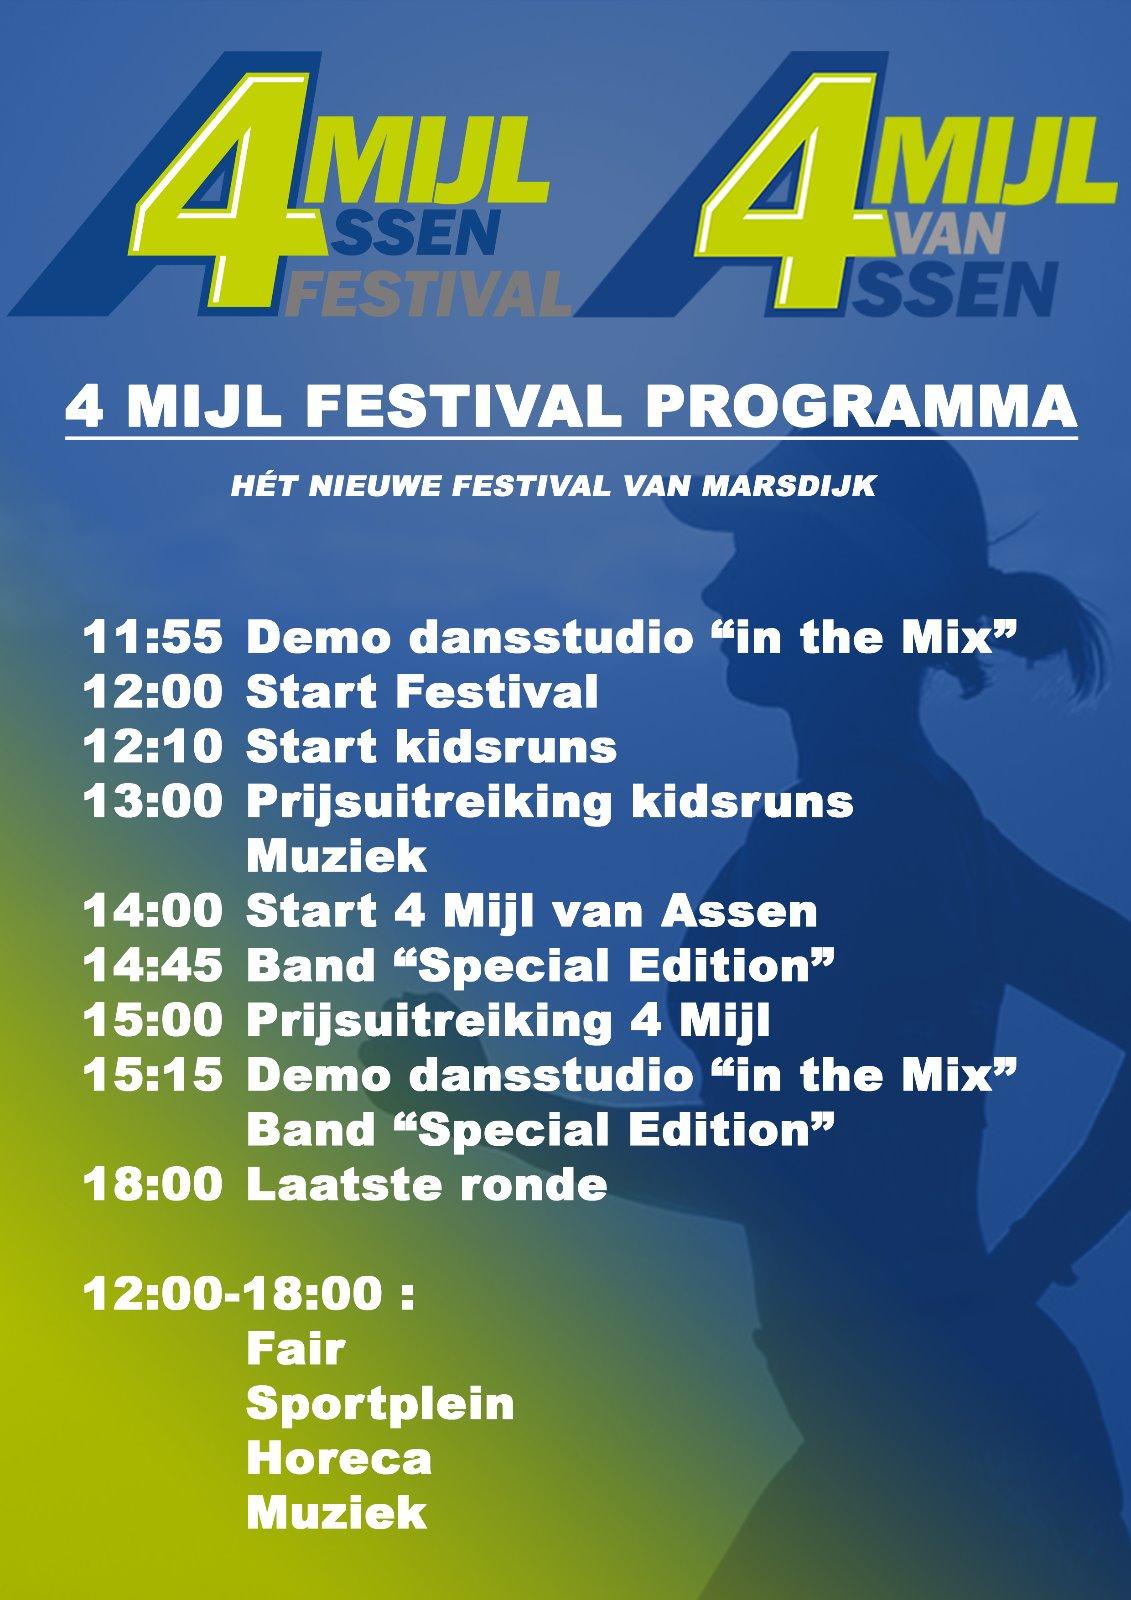 Festival-programma